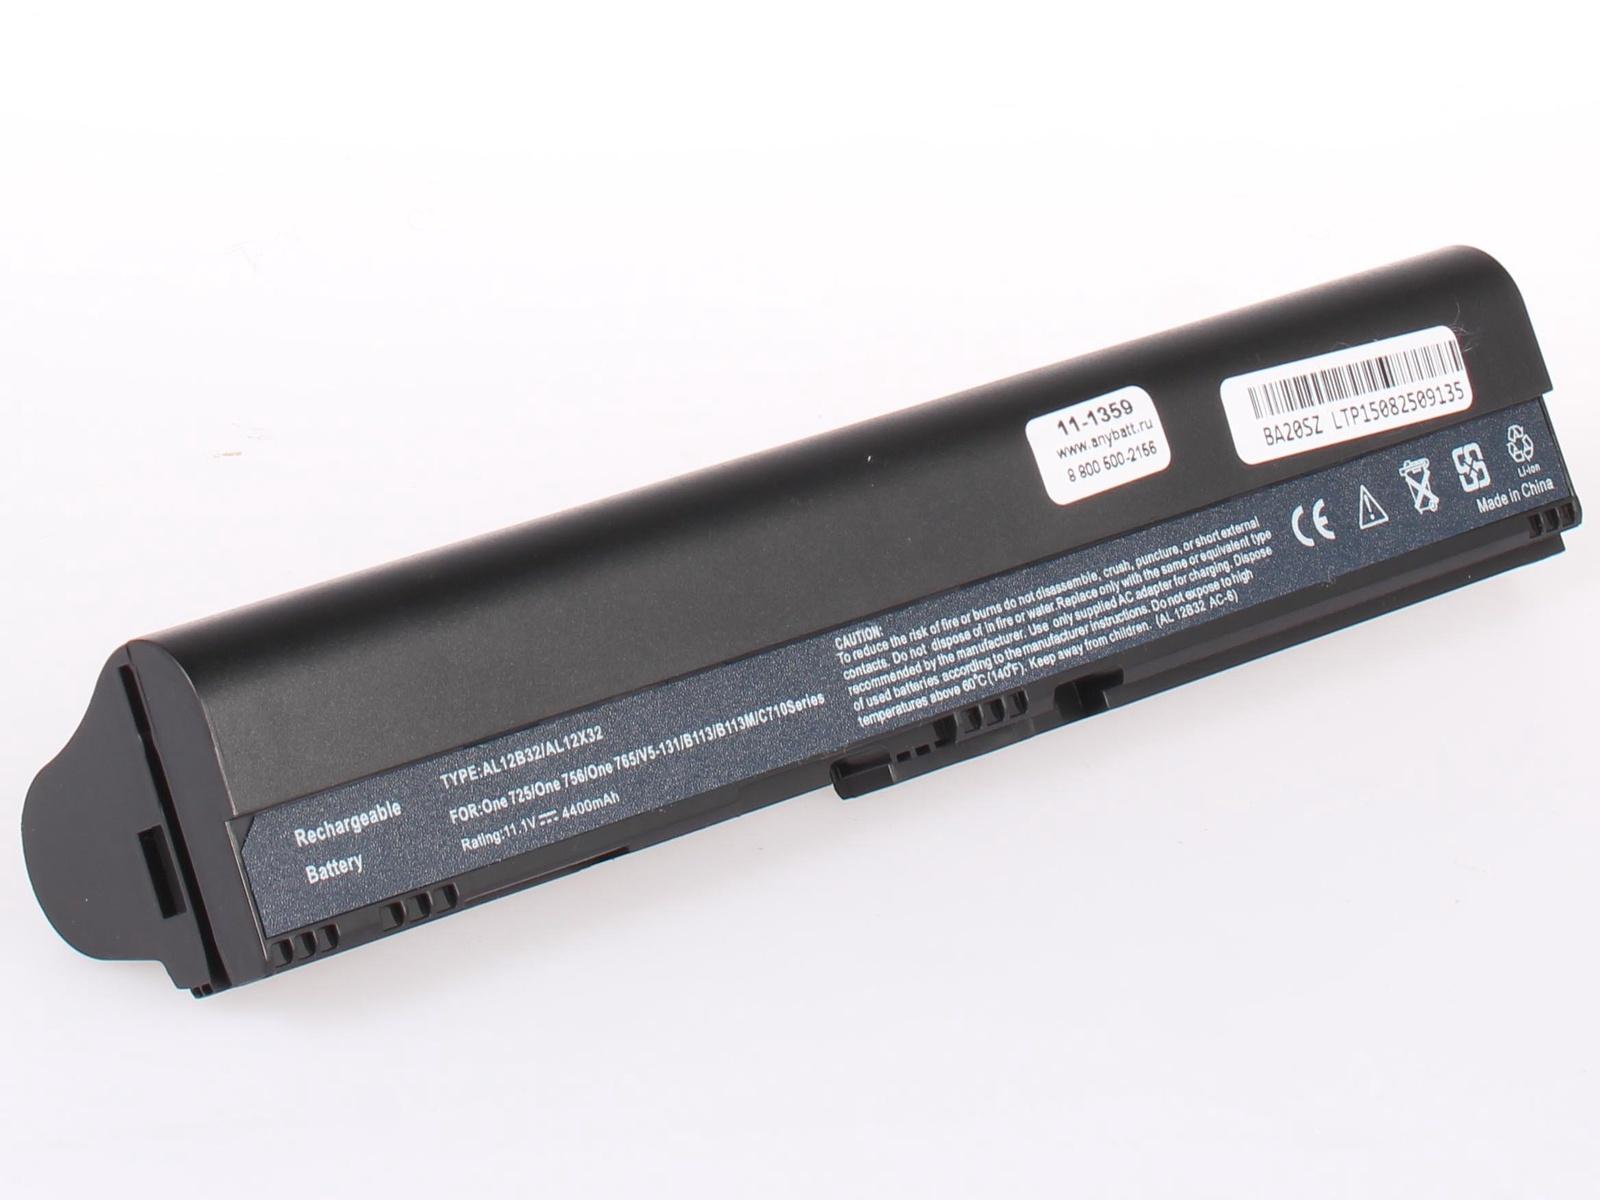 Аккумулятор для ноутбука AnyBatt для Acer Aspire V5-571, Aspire One 725, Aspire One 756, Aspire V5-122p, Aspire V5-131, Aspire V5-121, TravelMate B113, Aspire One AO756, Aspire V5-431, Aspire V5-471, Aspire One 756-877B1kk зарядное устройство для нетбука topon top ac04 acer aspire one zg8 kav10 756 d255 d370 series 19v 1 58a 30w коннектор 5 5 на 1 7 мм